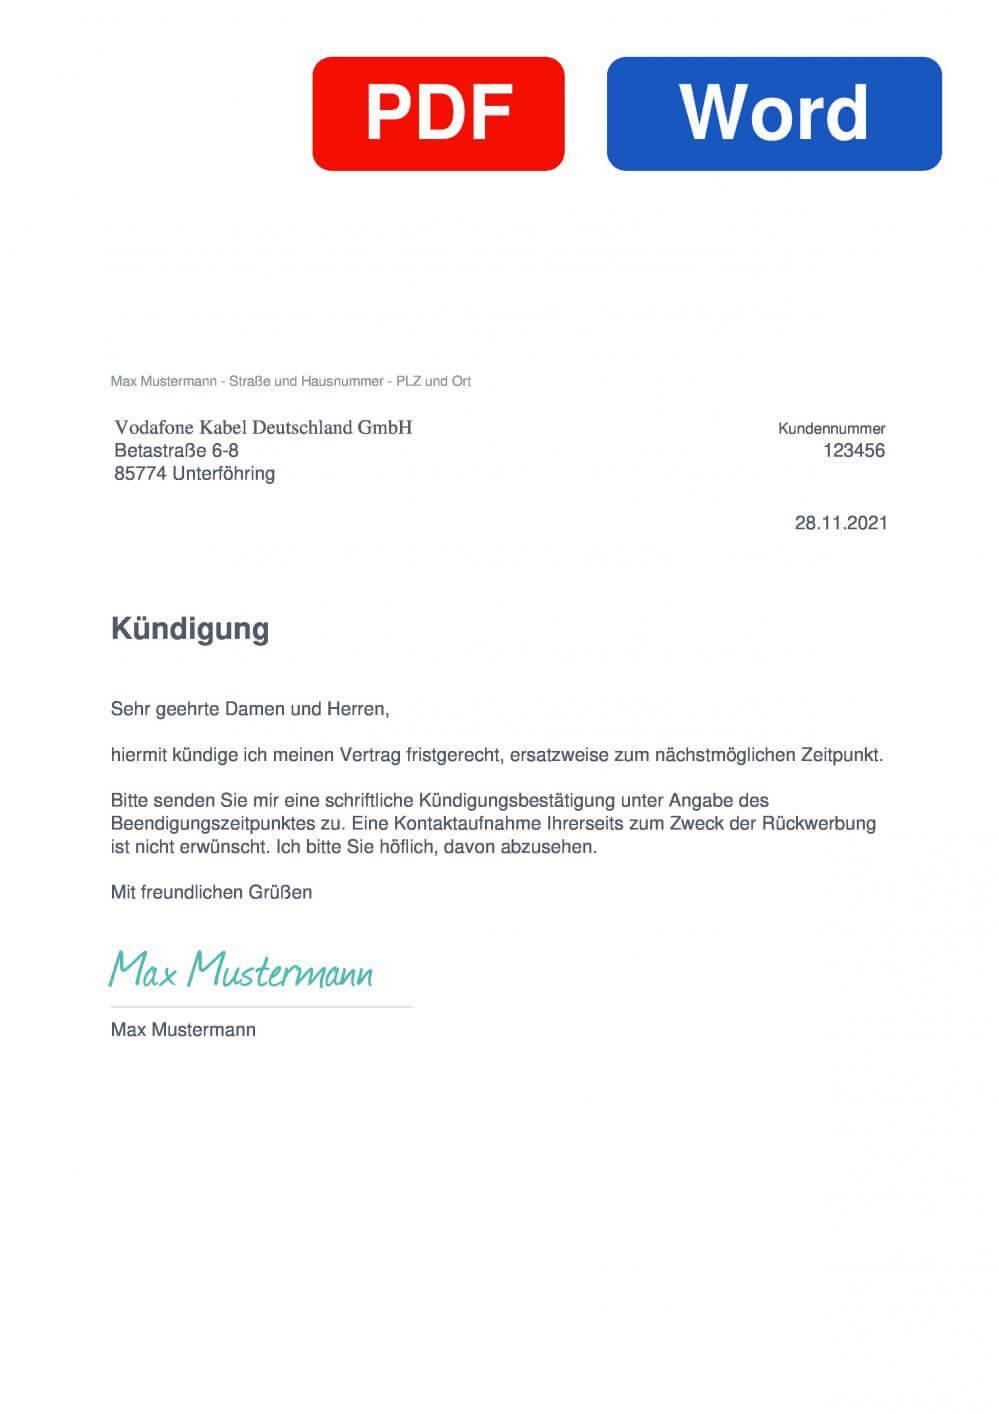 Kabel Deutschland Muster Vorlage für Kündigungsschreiben